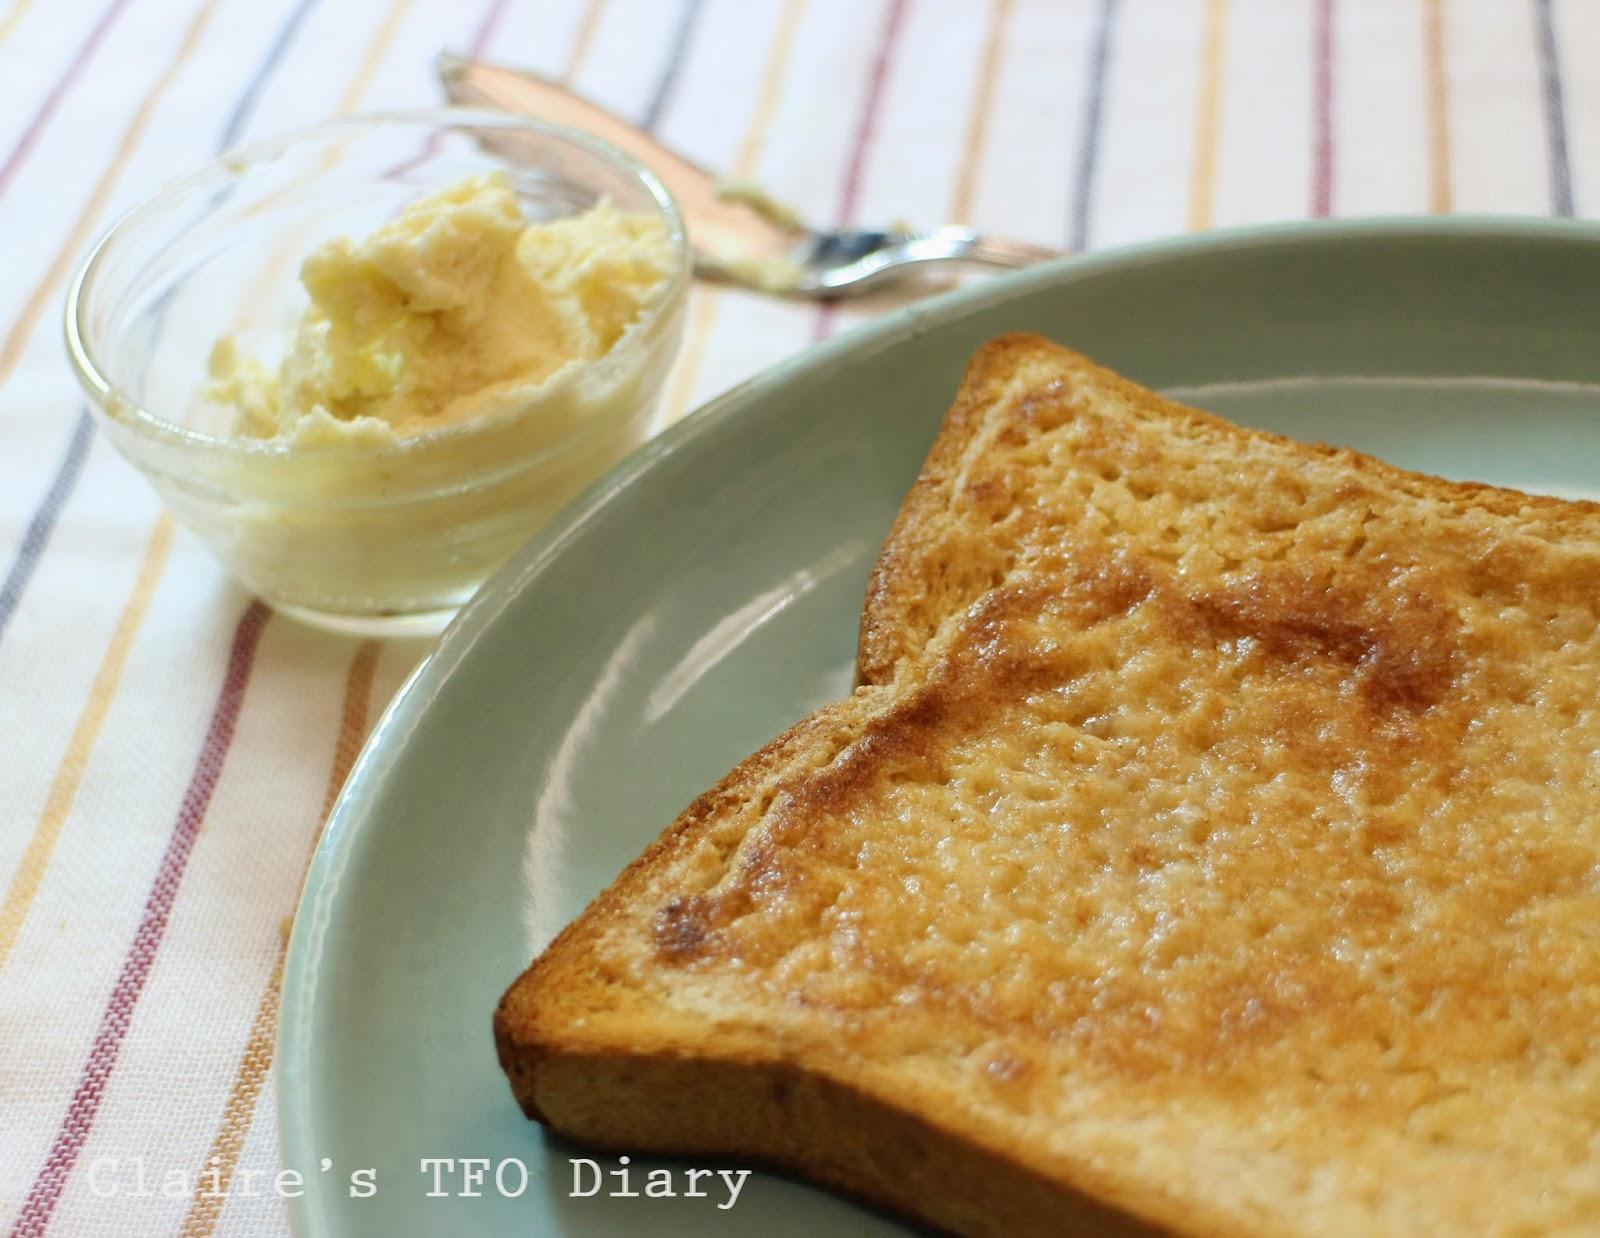 自製奶酥抹醬 ~Carol老師的食譜,簡單快速又非常好吃